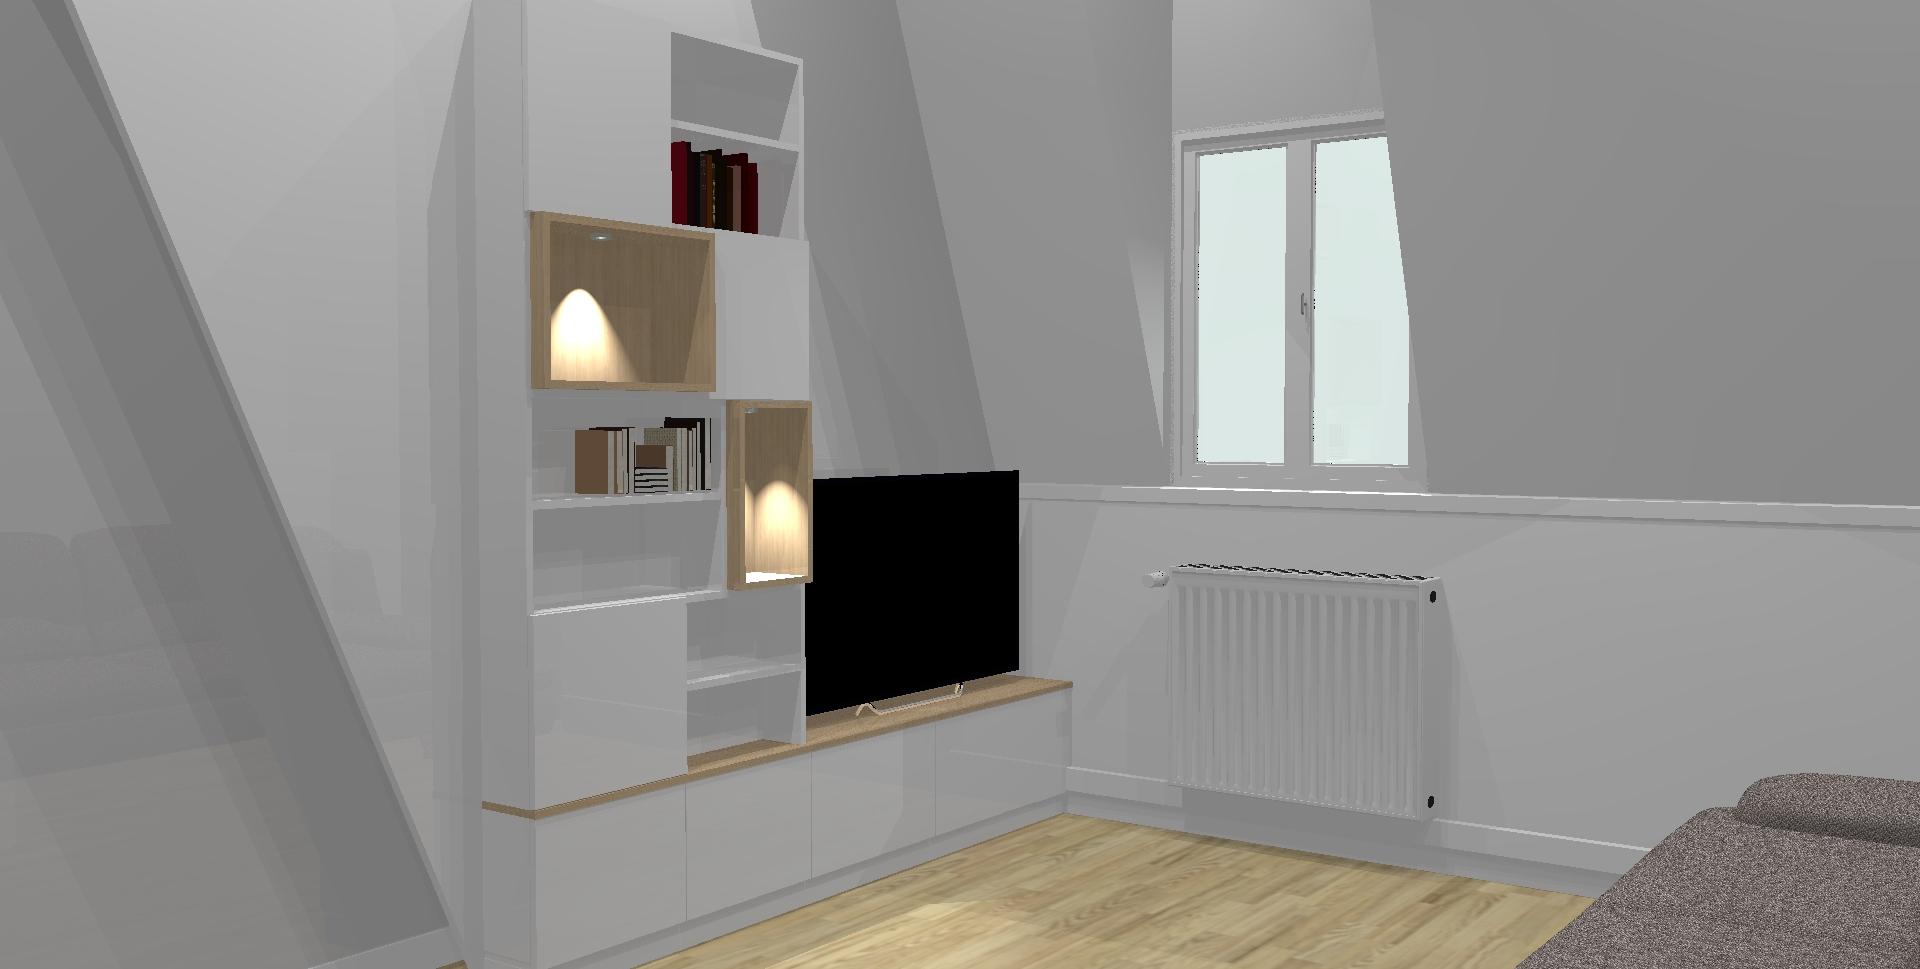 Voici la réalisation 3D du meuble tv.